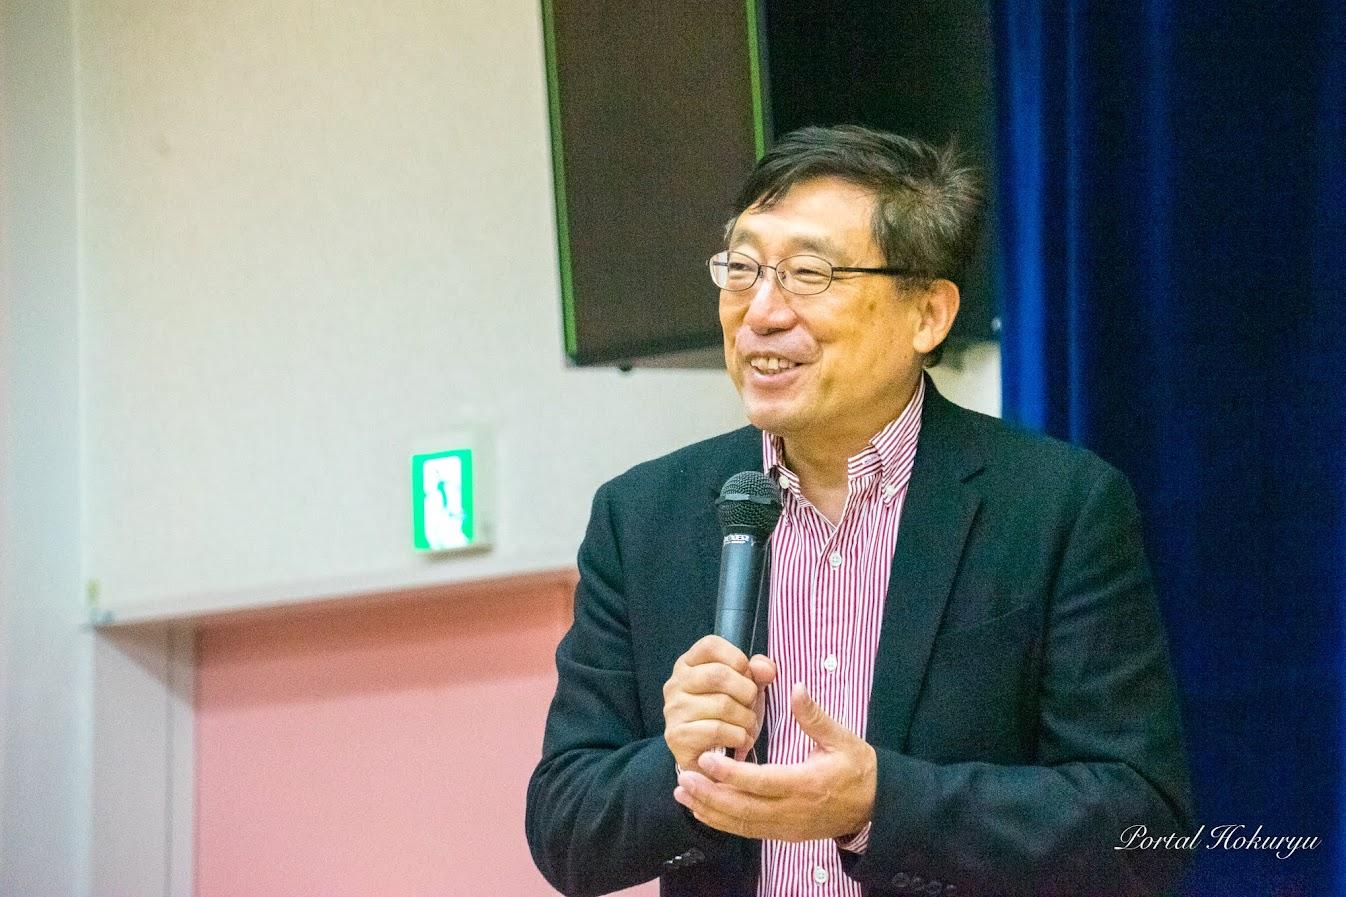 立正大学・鈴木輝隆 特任教授